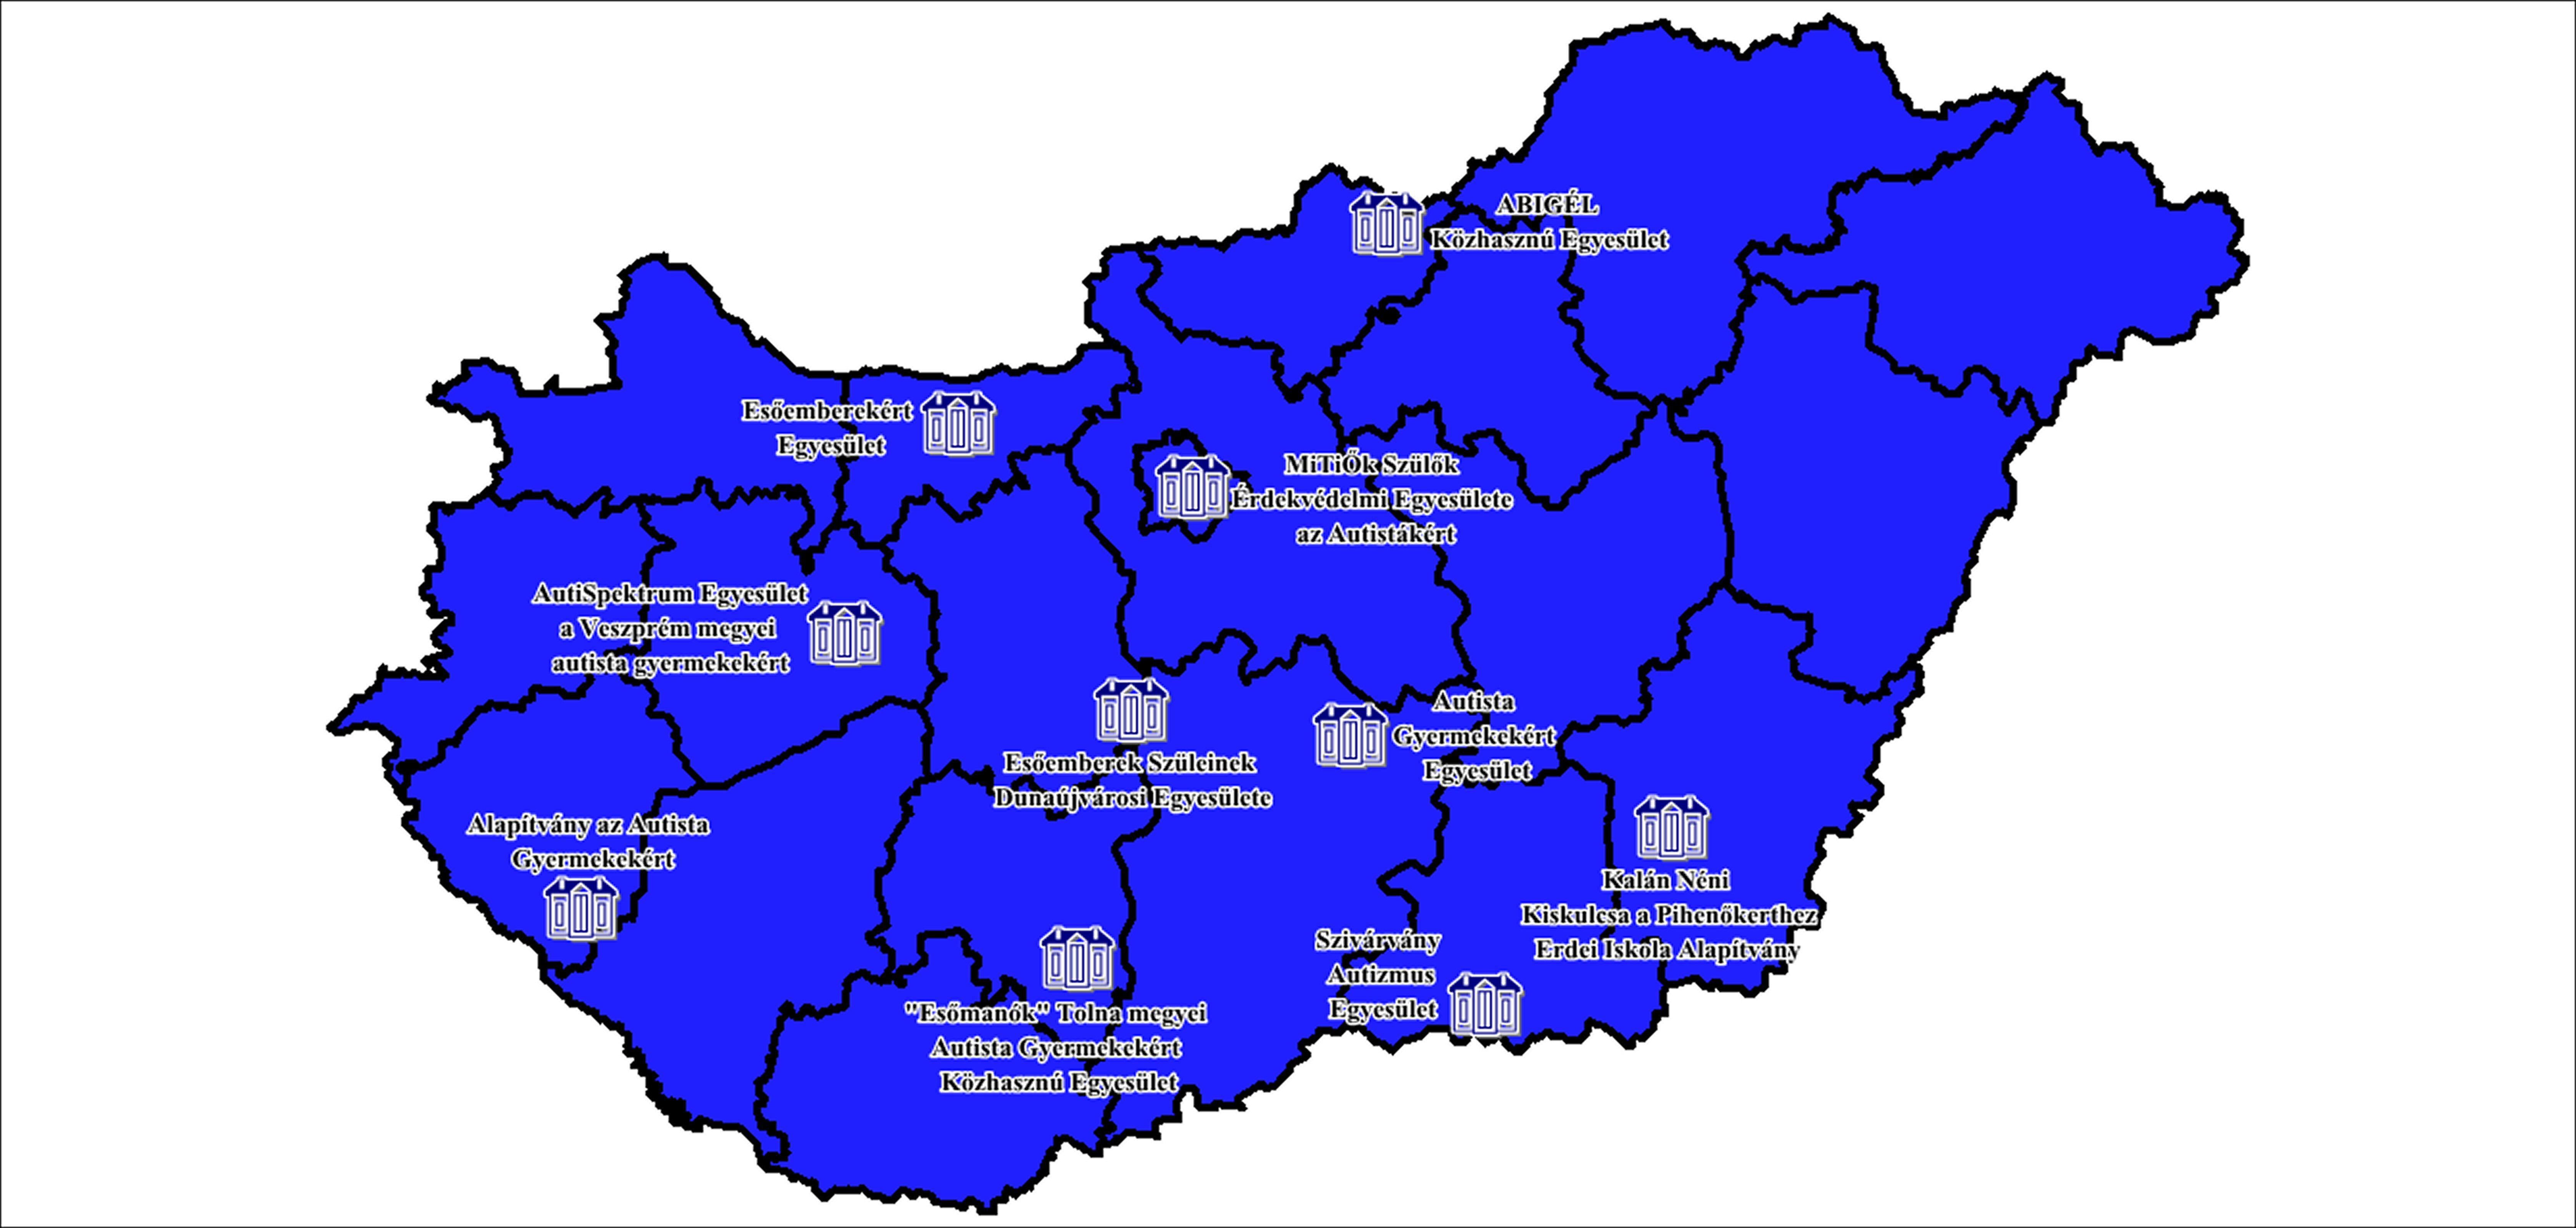 Hálózati tevékenységben résztvevő szervezetek